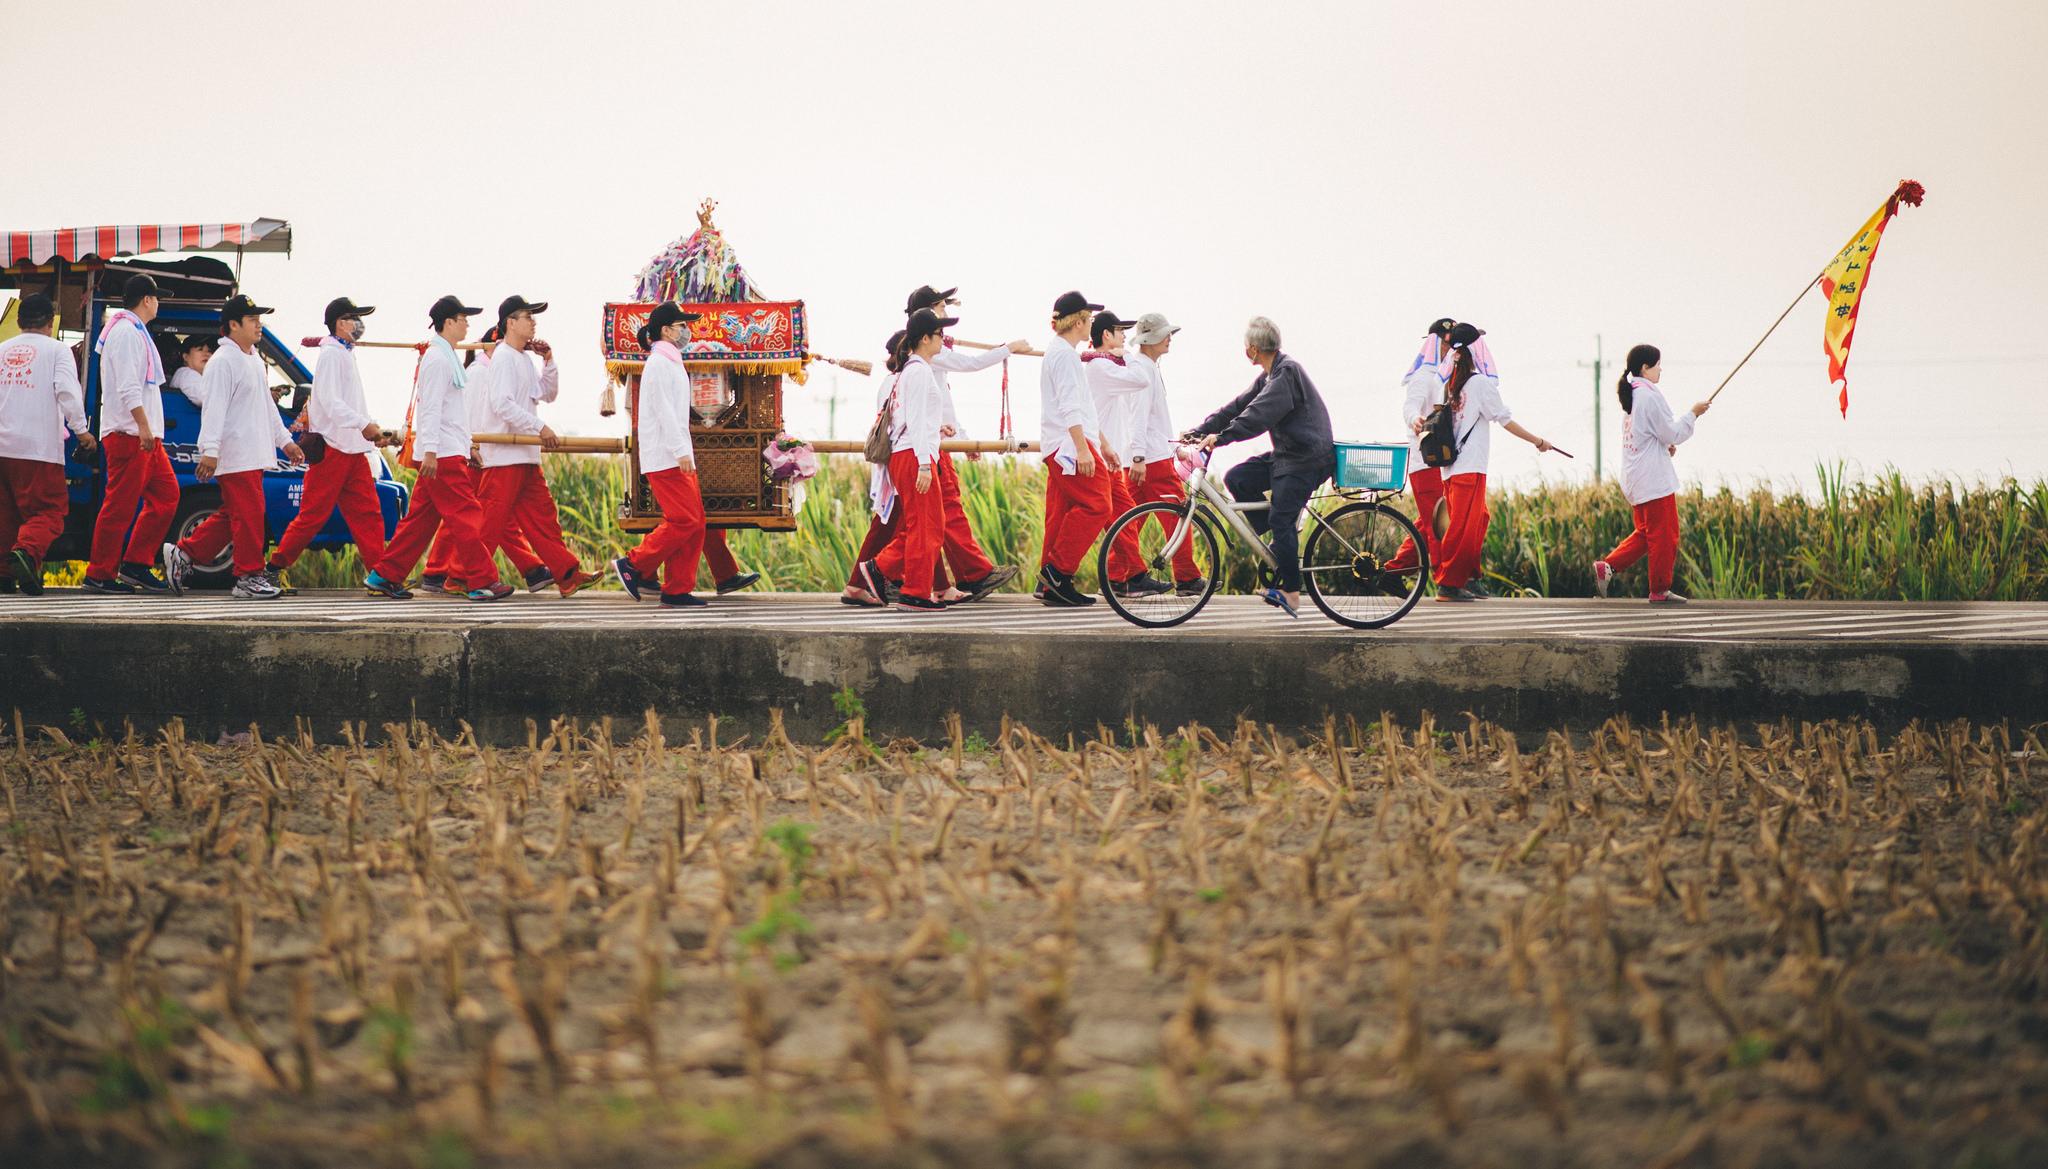 在信仰的道路上,看見台灣最溫暖純樸的人情風景????你所不知的媽祖繞境!